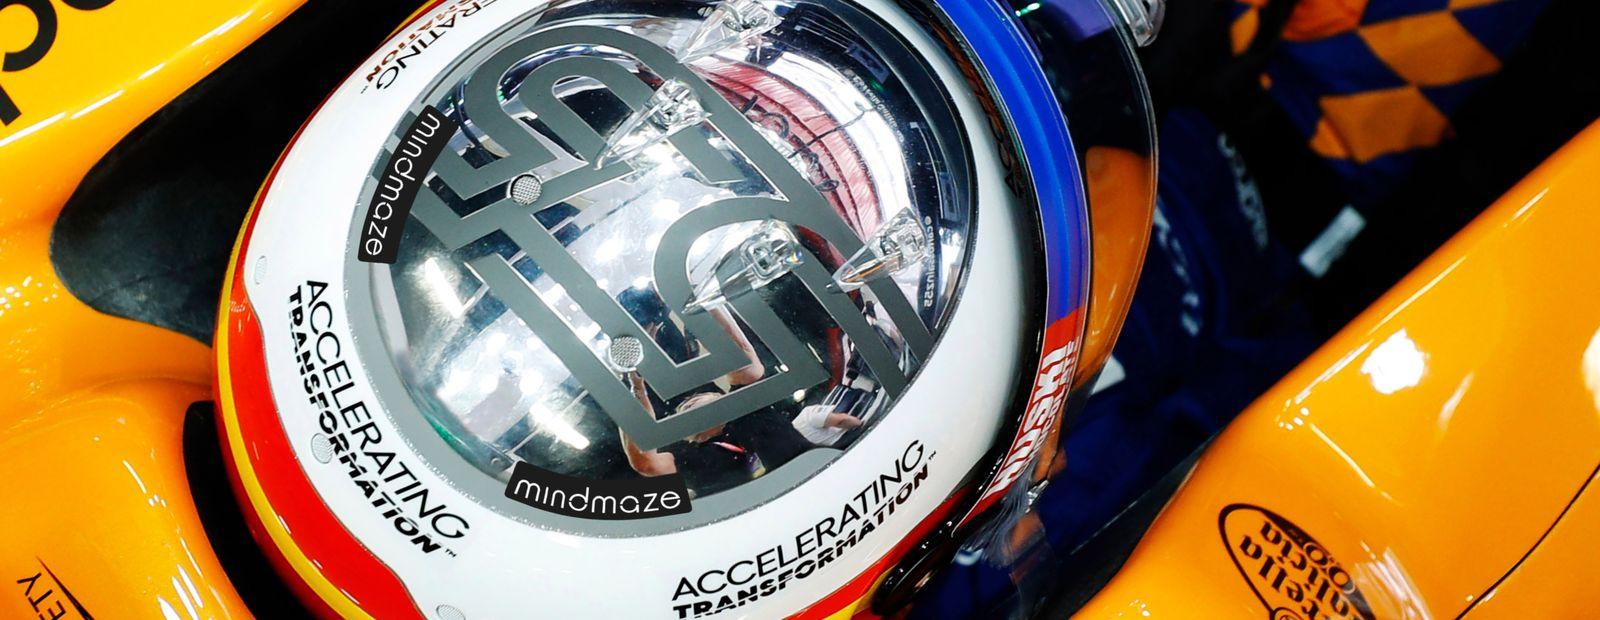 McLaren Racing y MindMaze anuncian una asociación de varios años en la Fórmula 1